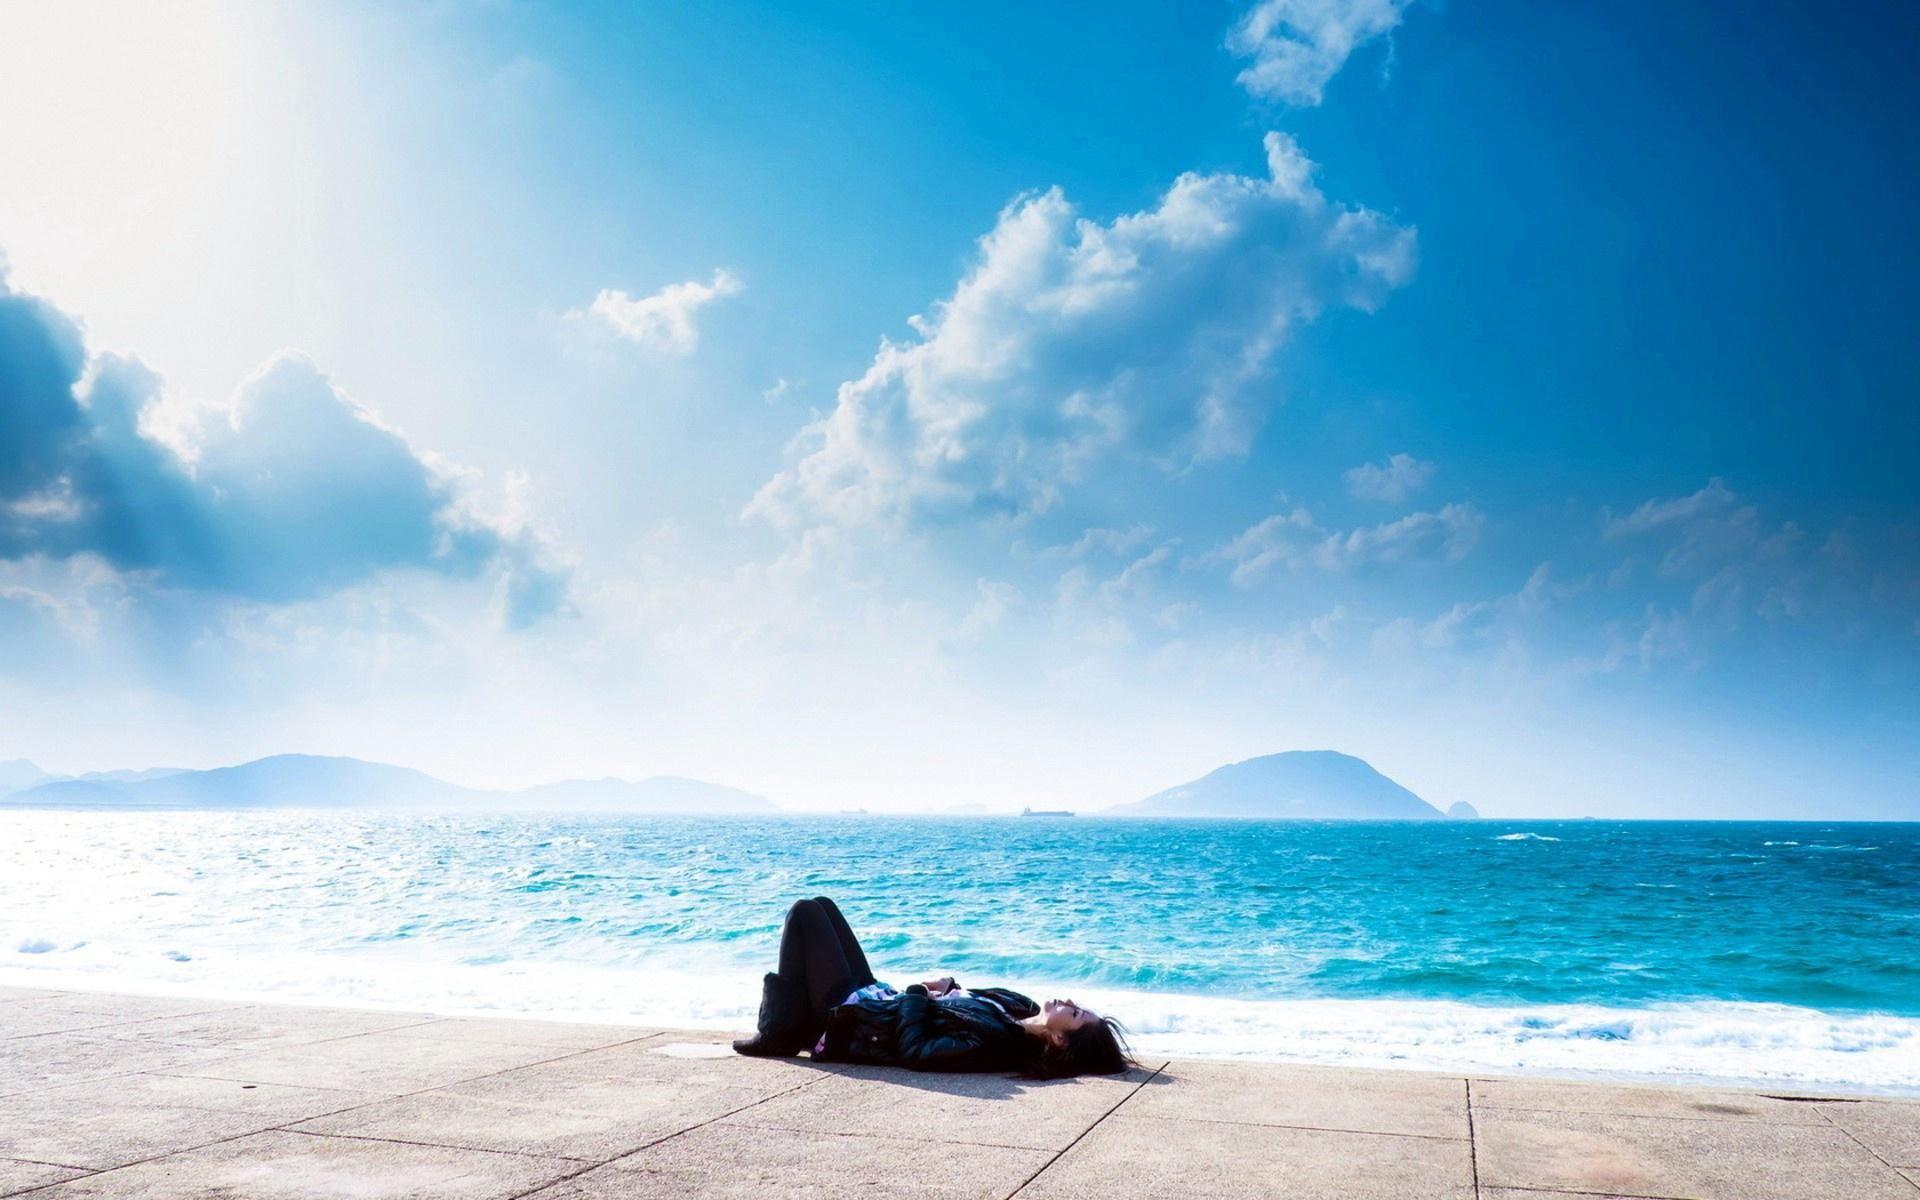 фото релакс у моря более